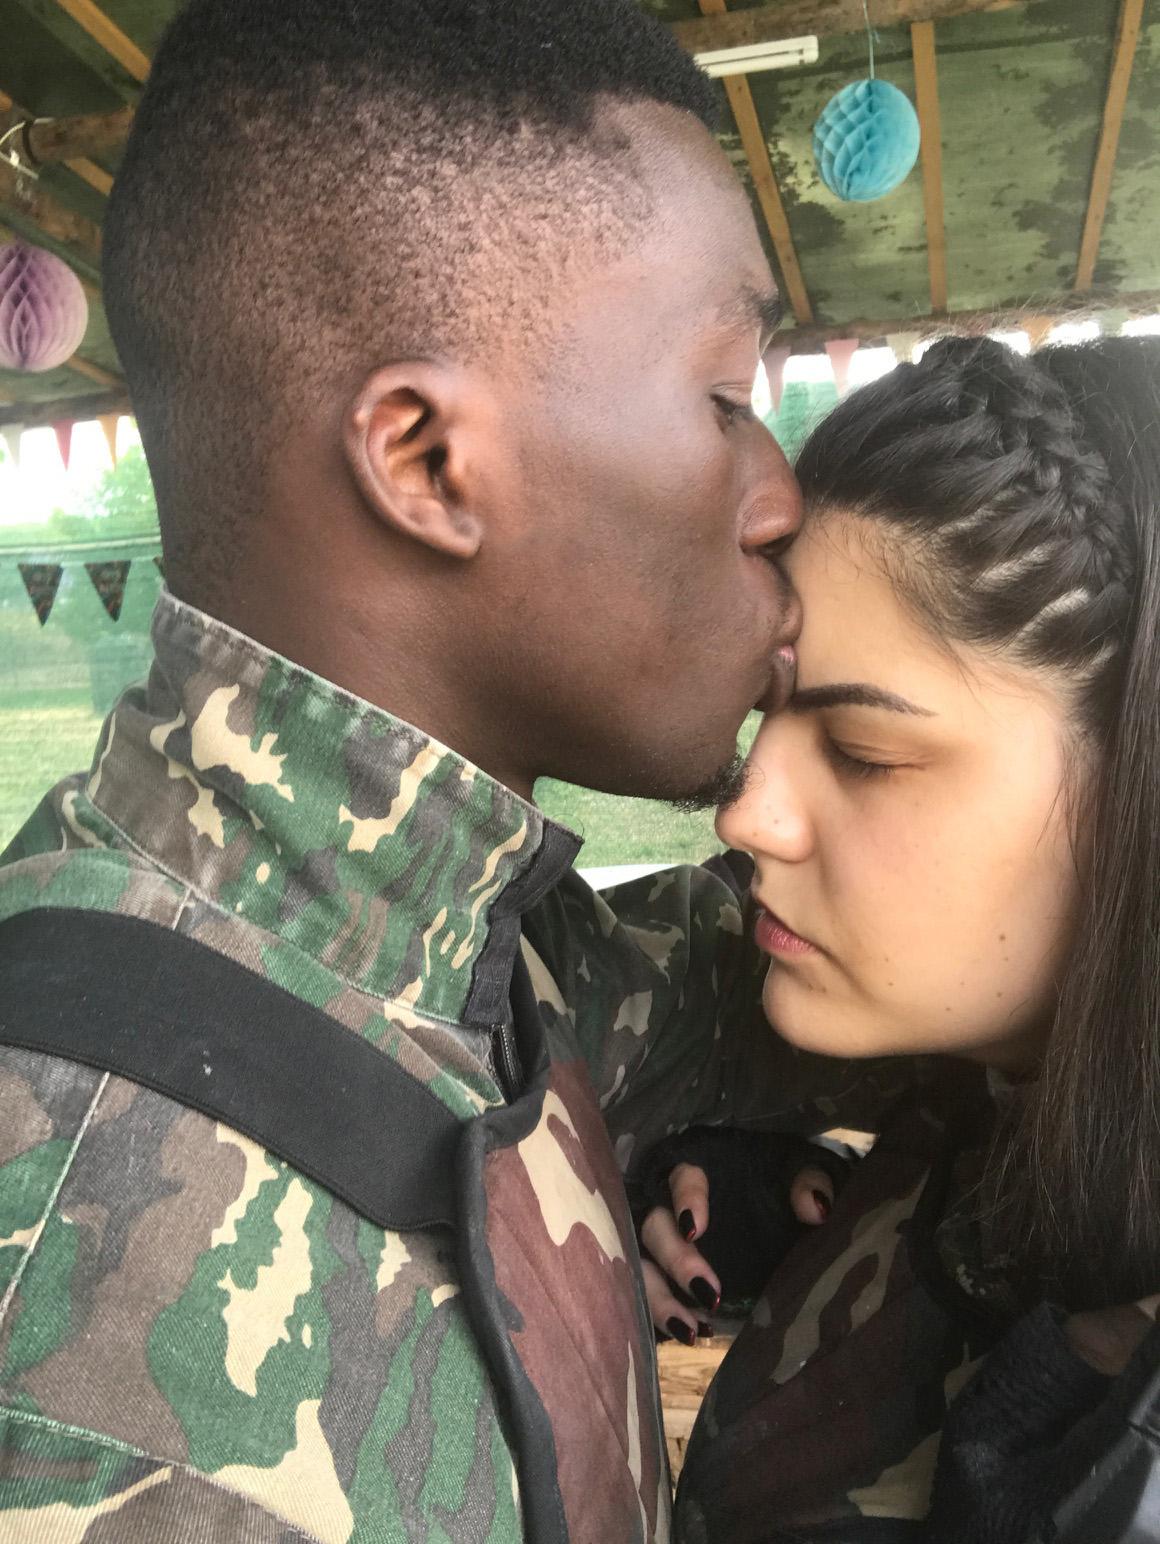 ЉУБОВ НА ДВА КОНТИНЕНТА: Маша и Коџо докажуваат дека сакањето не познава граници (ИНТЕРВЈУ)